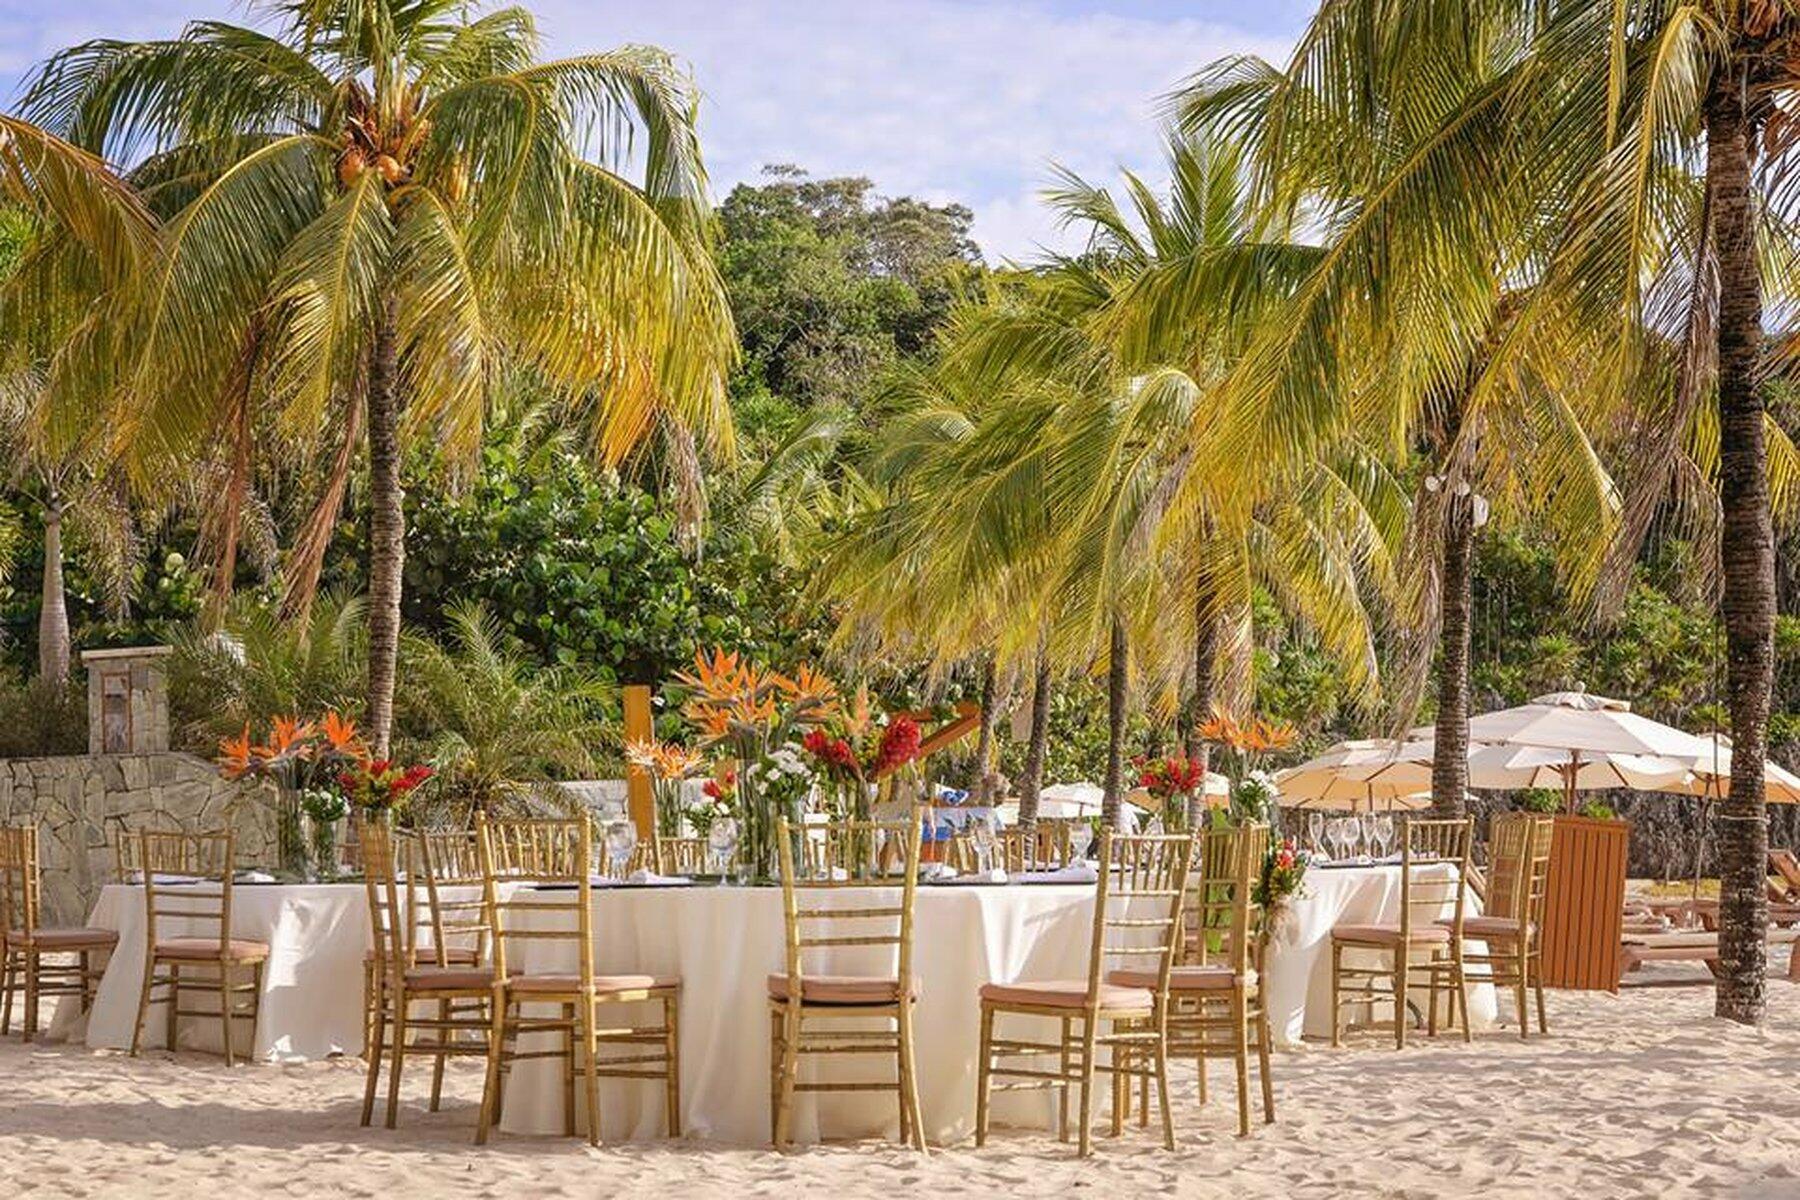 tables set on beach near palm trees